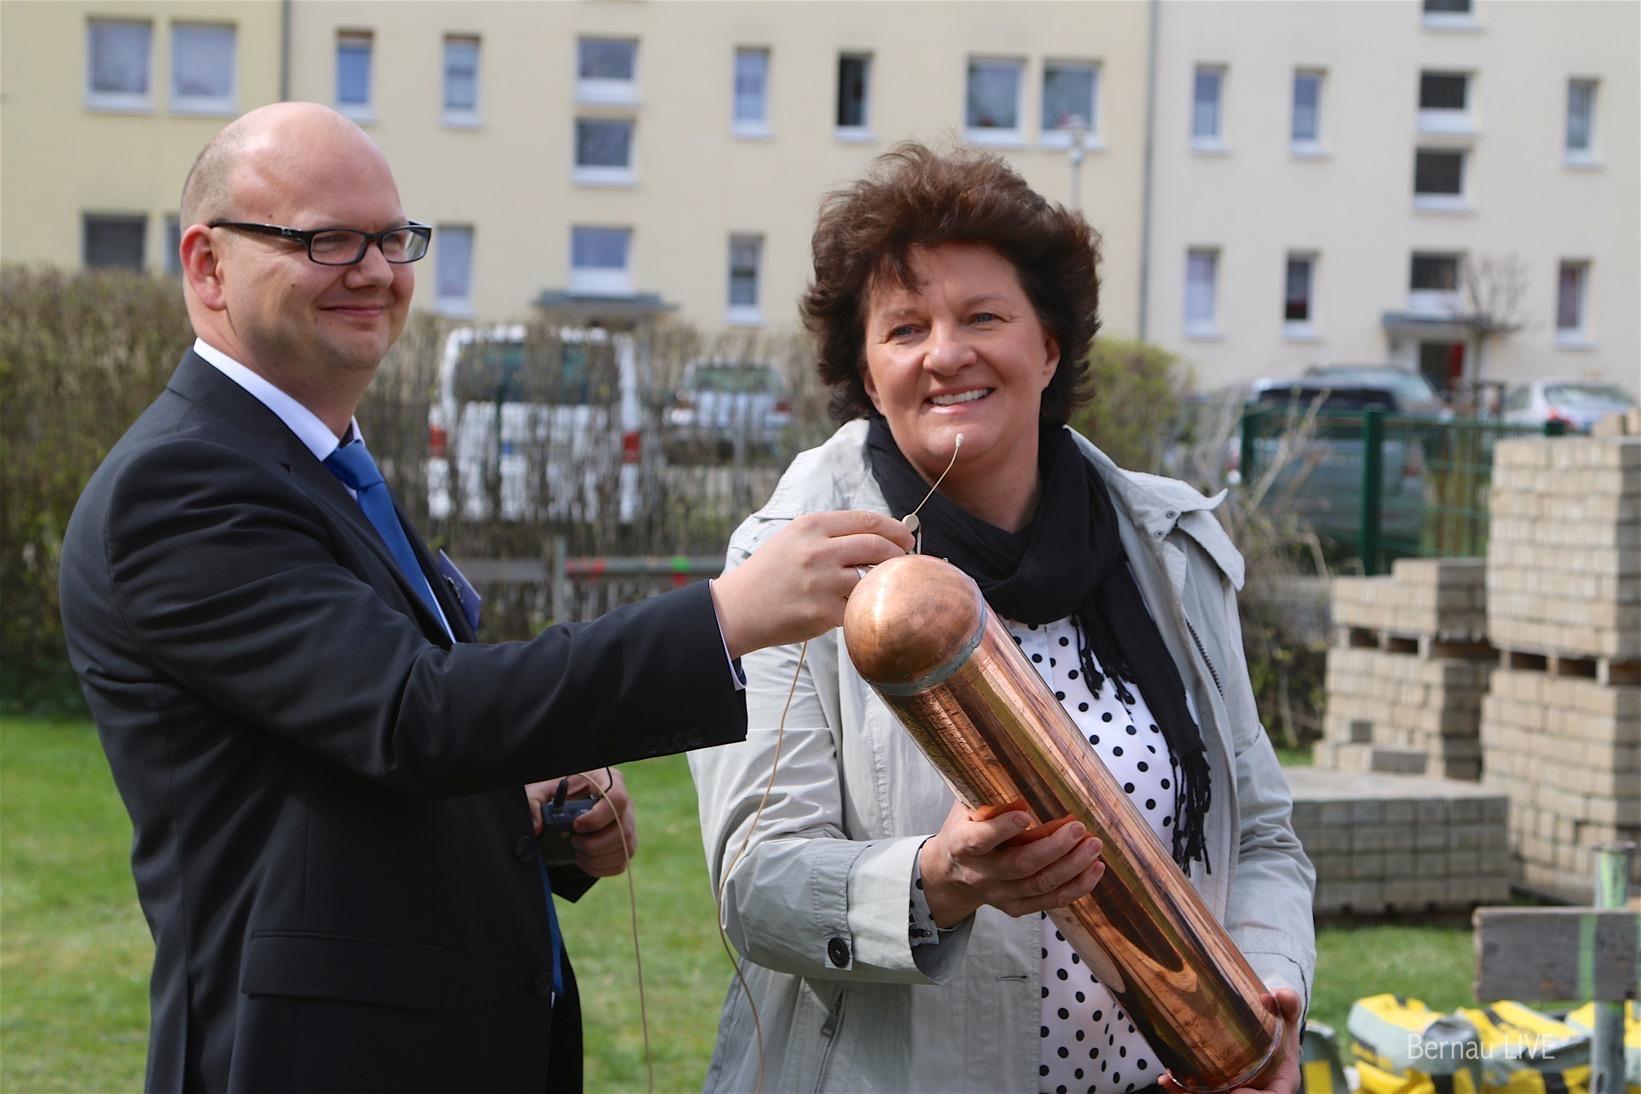 Bernau: Grundsteinlegung ifn schönow